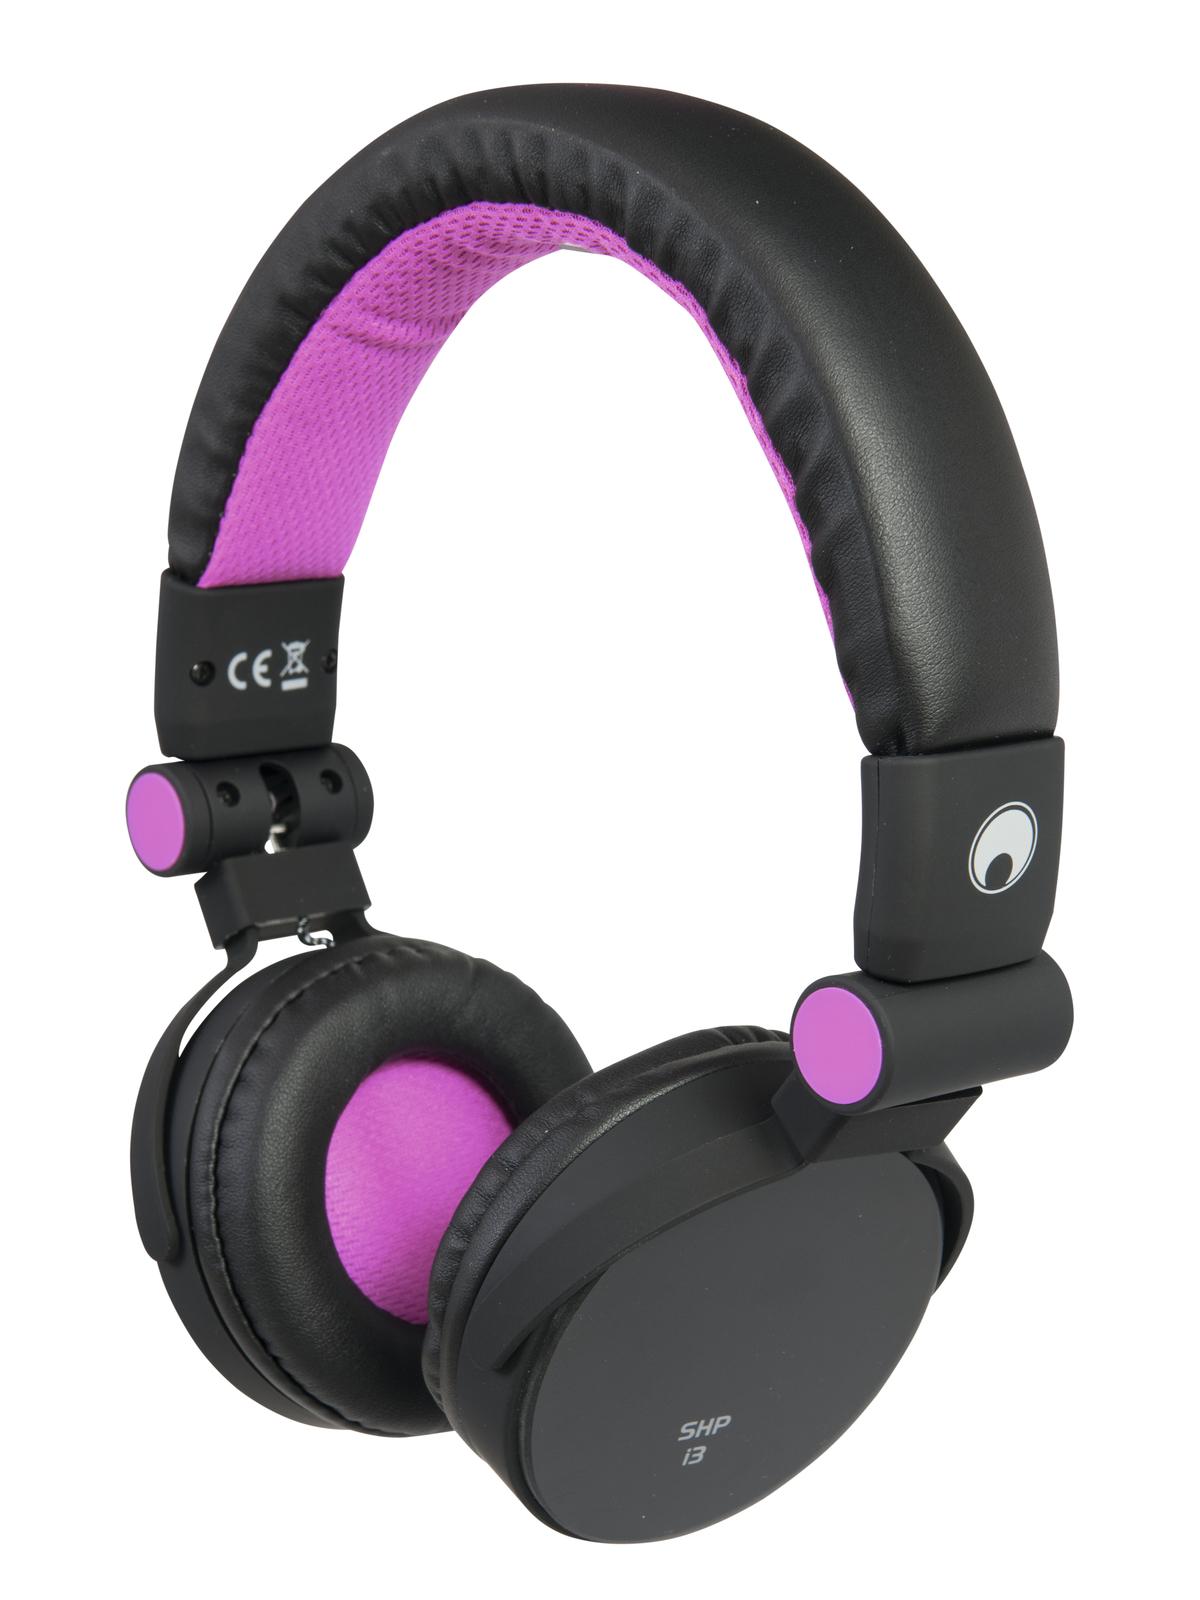 Cuffie per Dj stereo dinamiche pieghevoli headphones SHP-i3 Rosa